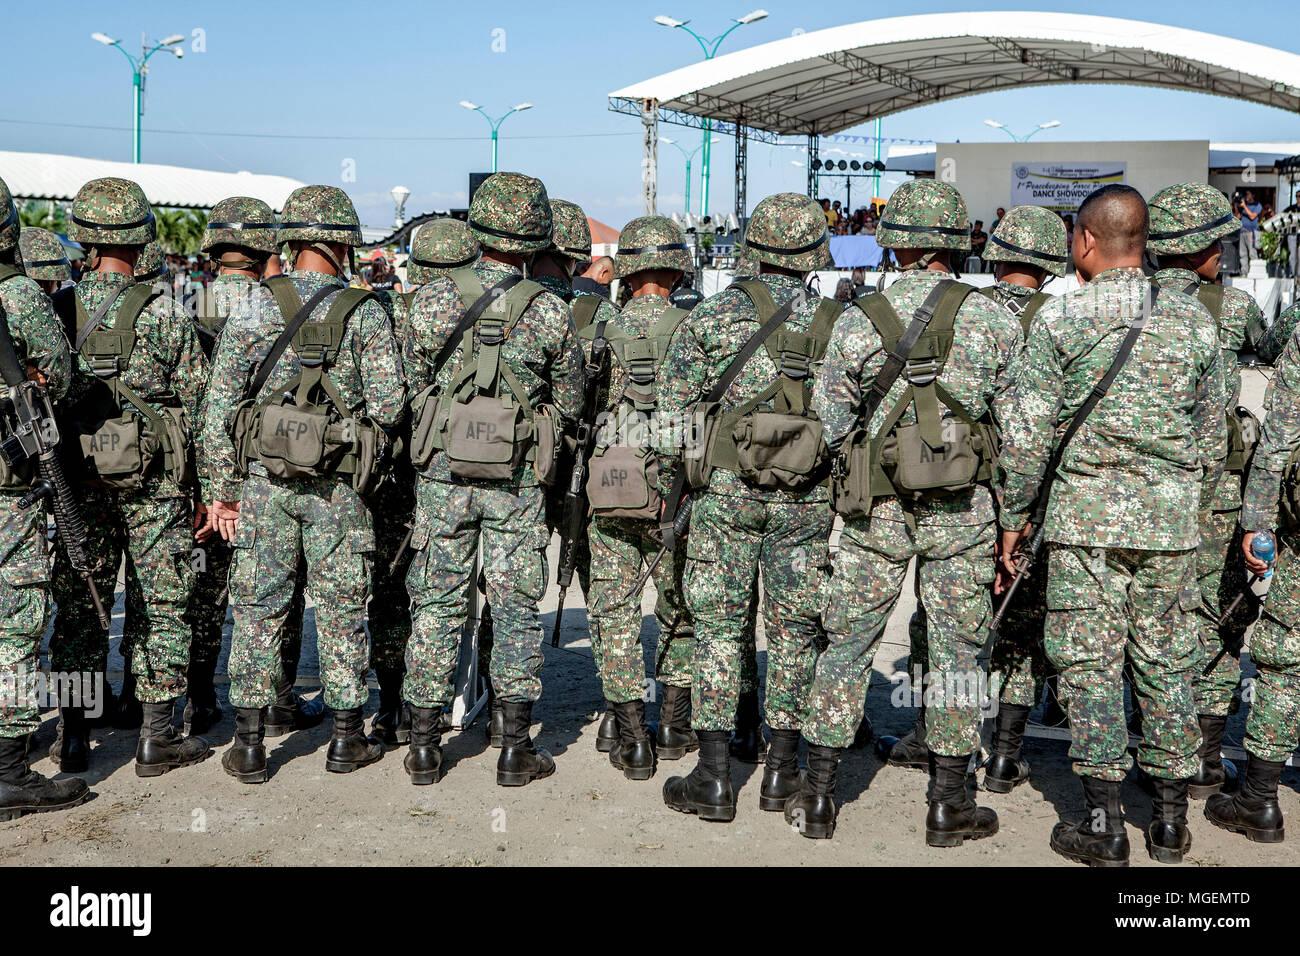 Rückansicht der Streitkräfte der Philippinen, AFP, in camoflage Uniformen, Helme und Rucksäcke in Palawan gekleidet. Stockfoto